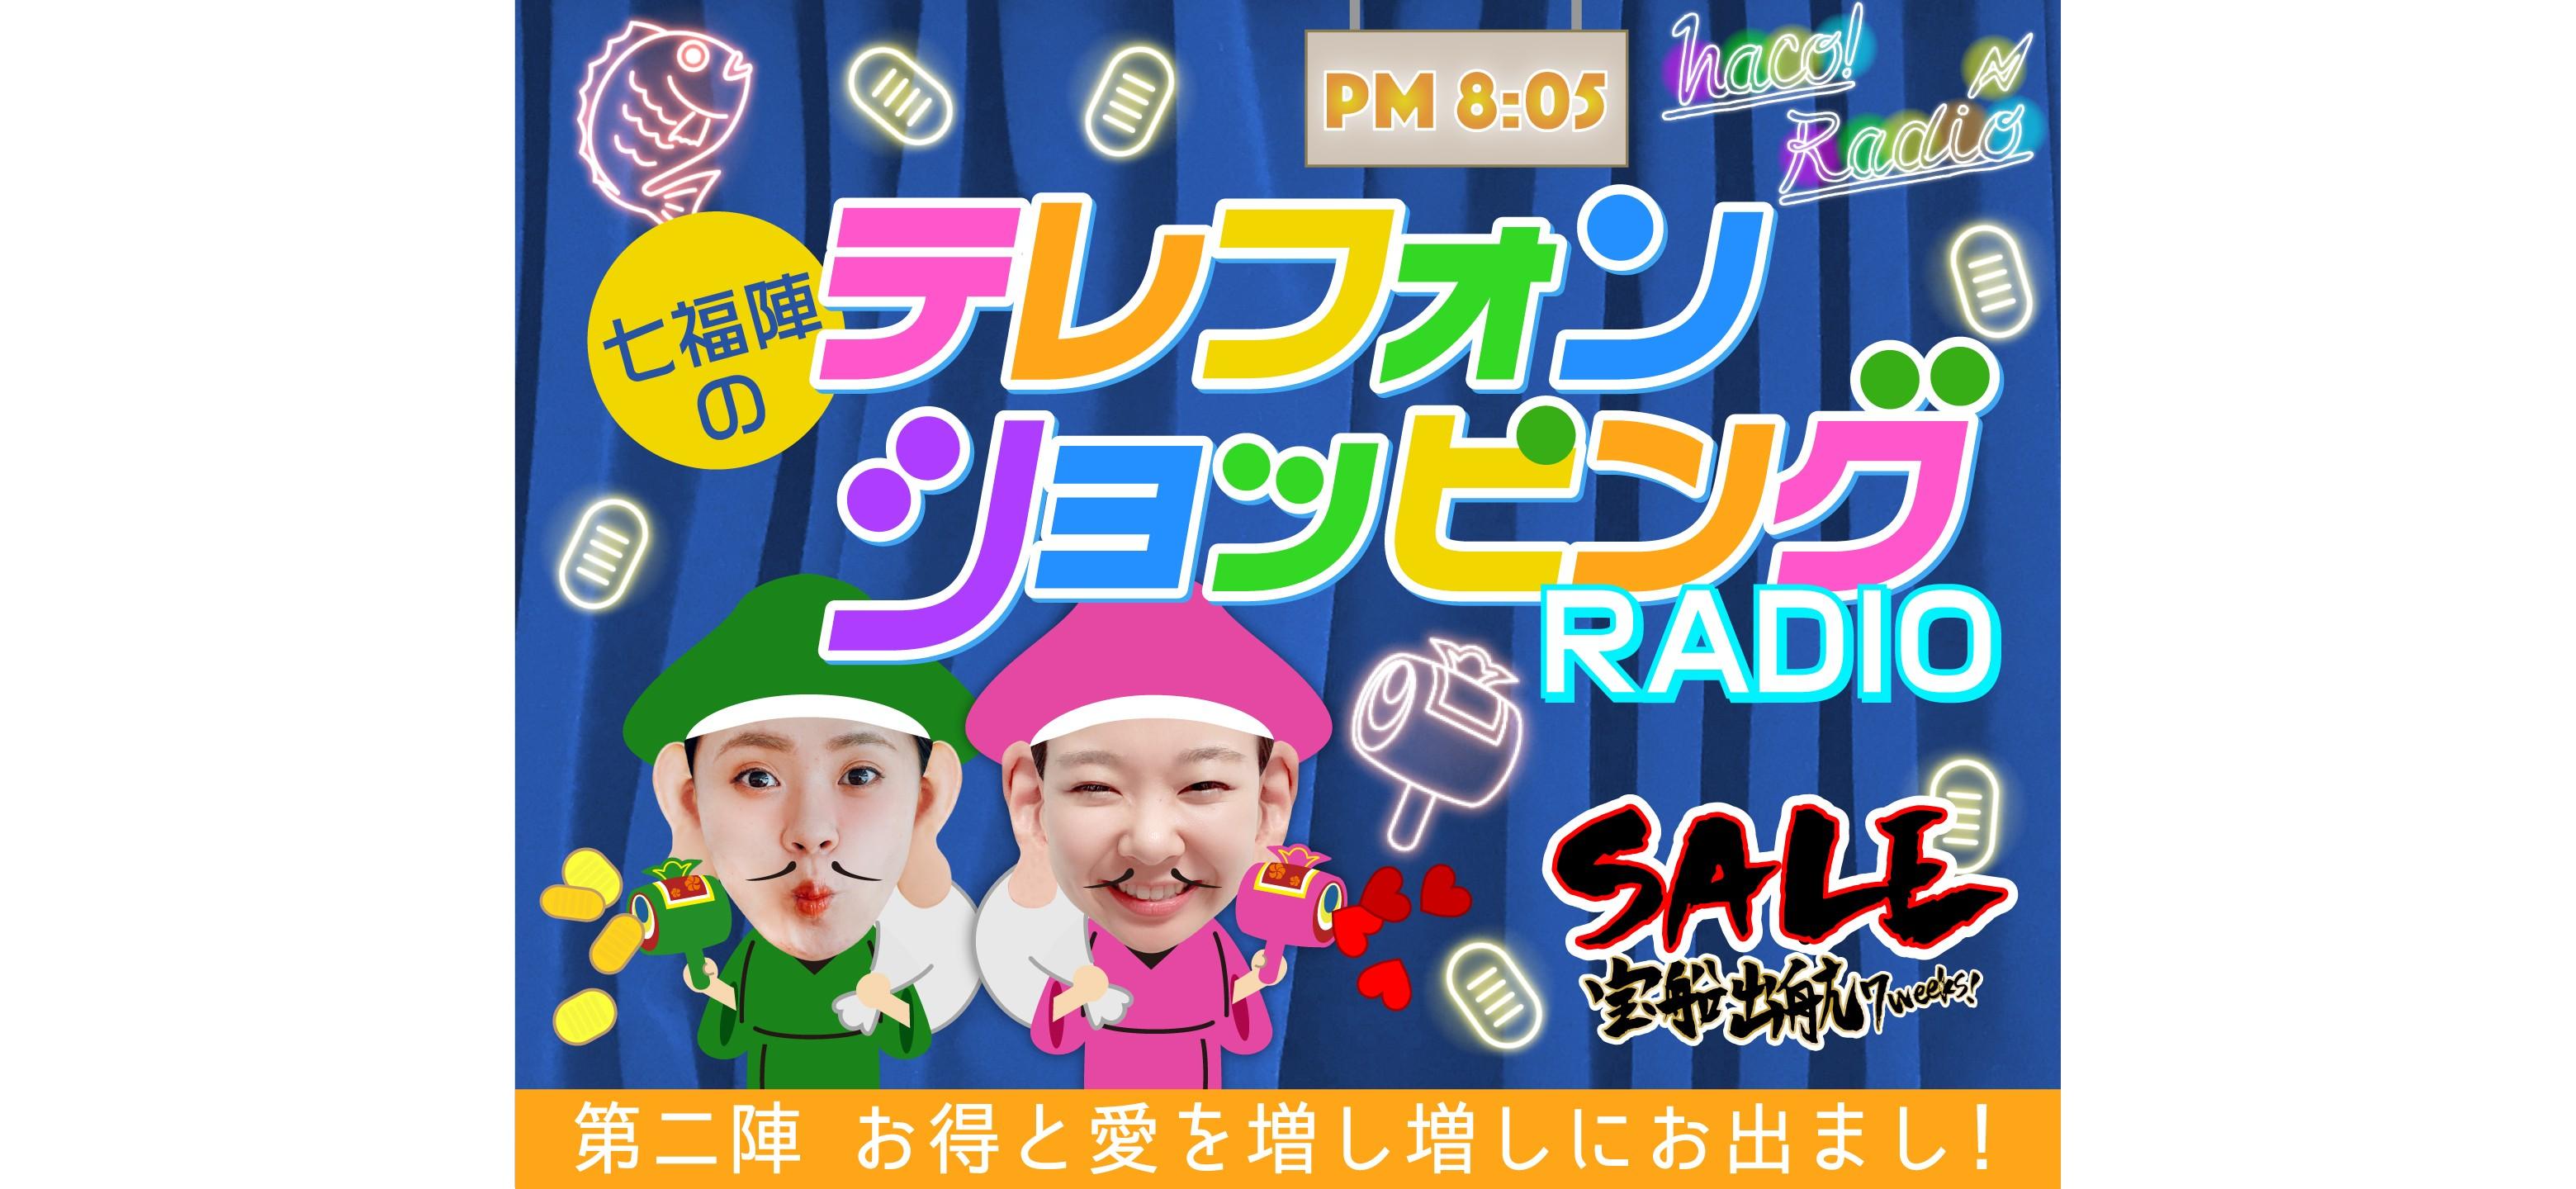 七福陣のテレフォンショッピング RADIO 2週目